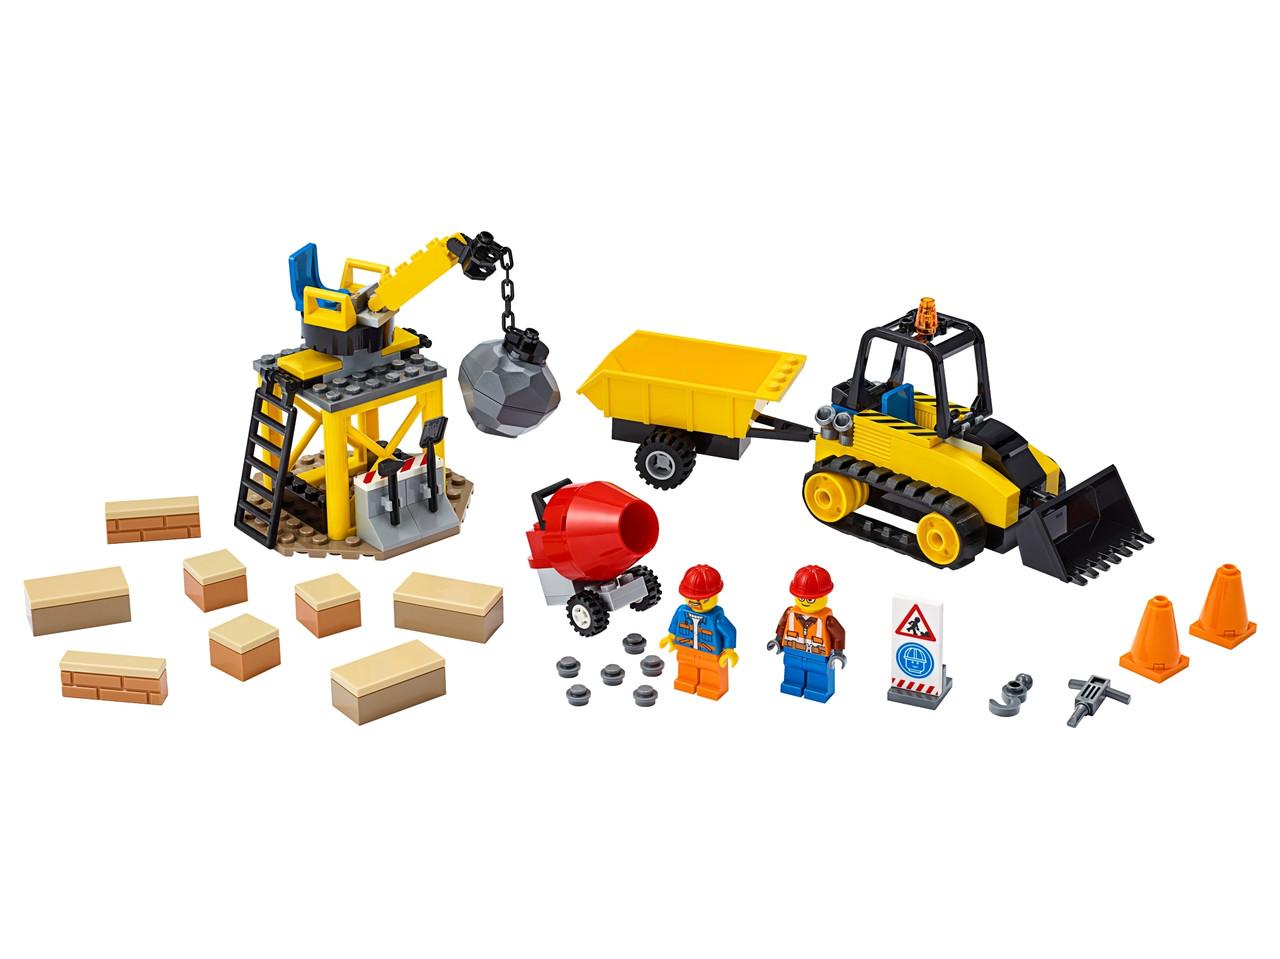 Конструктор LEGO Строительный бульдозер 126 деталей (60252)